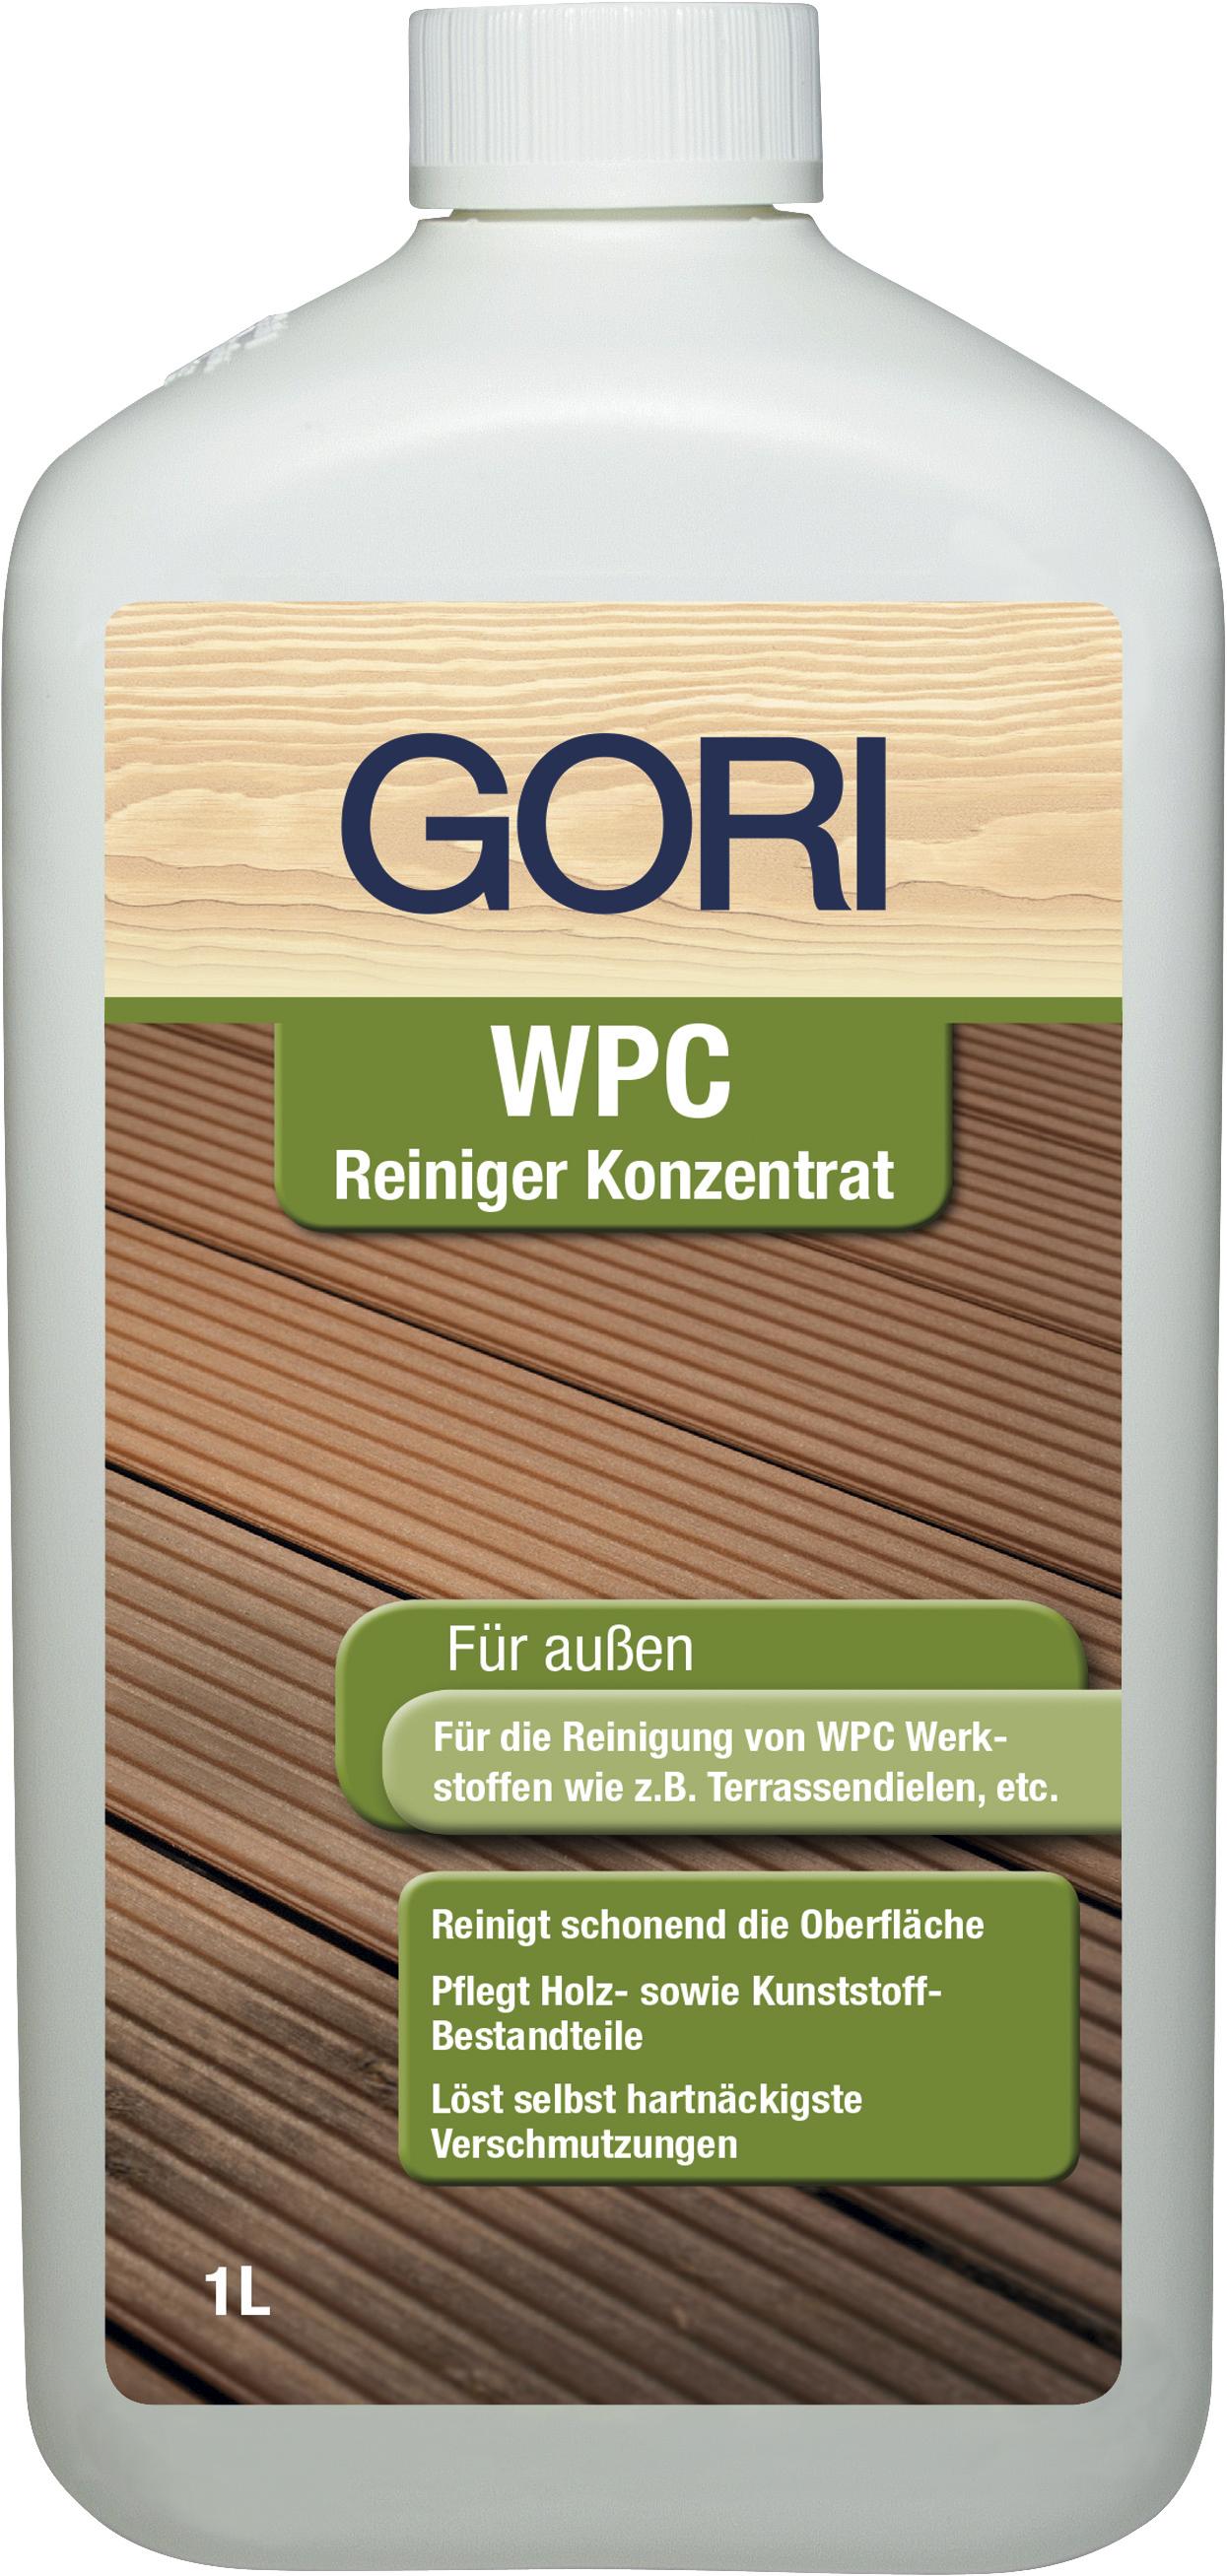 GORI WPC Reiniger